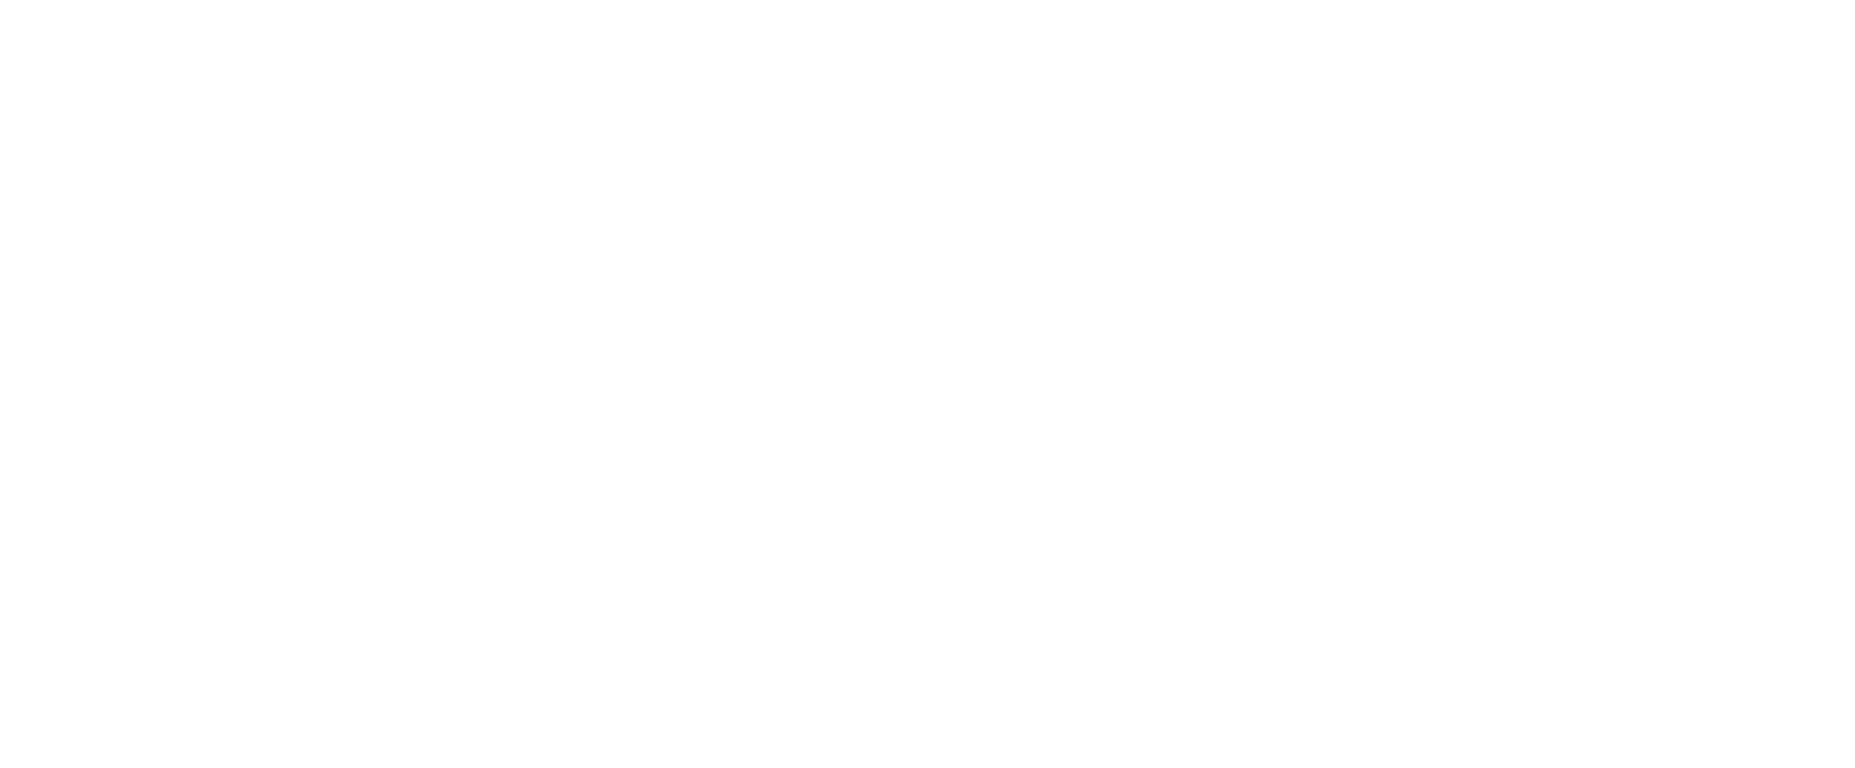 Busselton-Dunsborough Mail